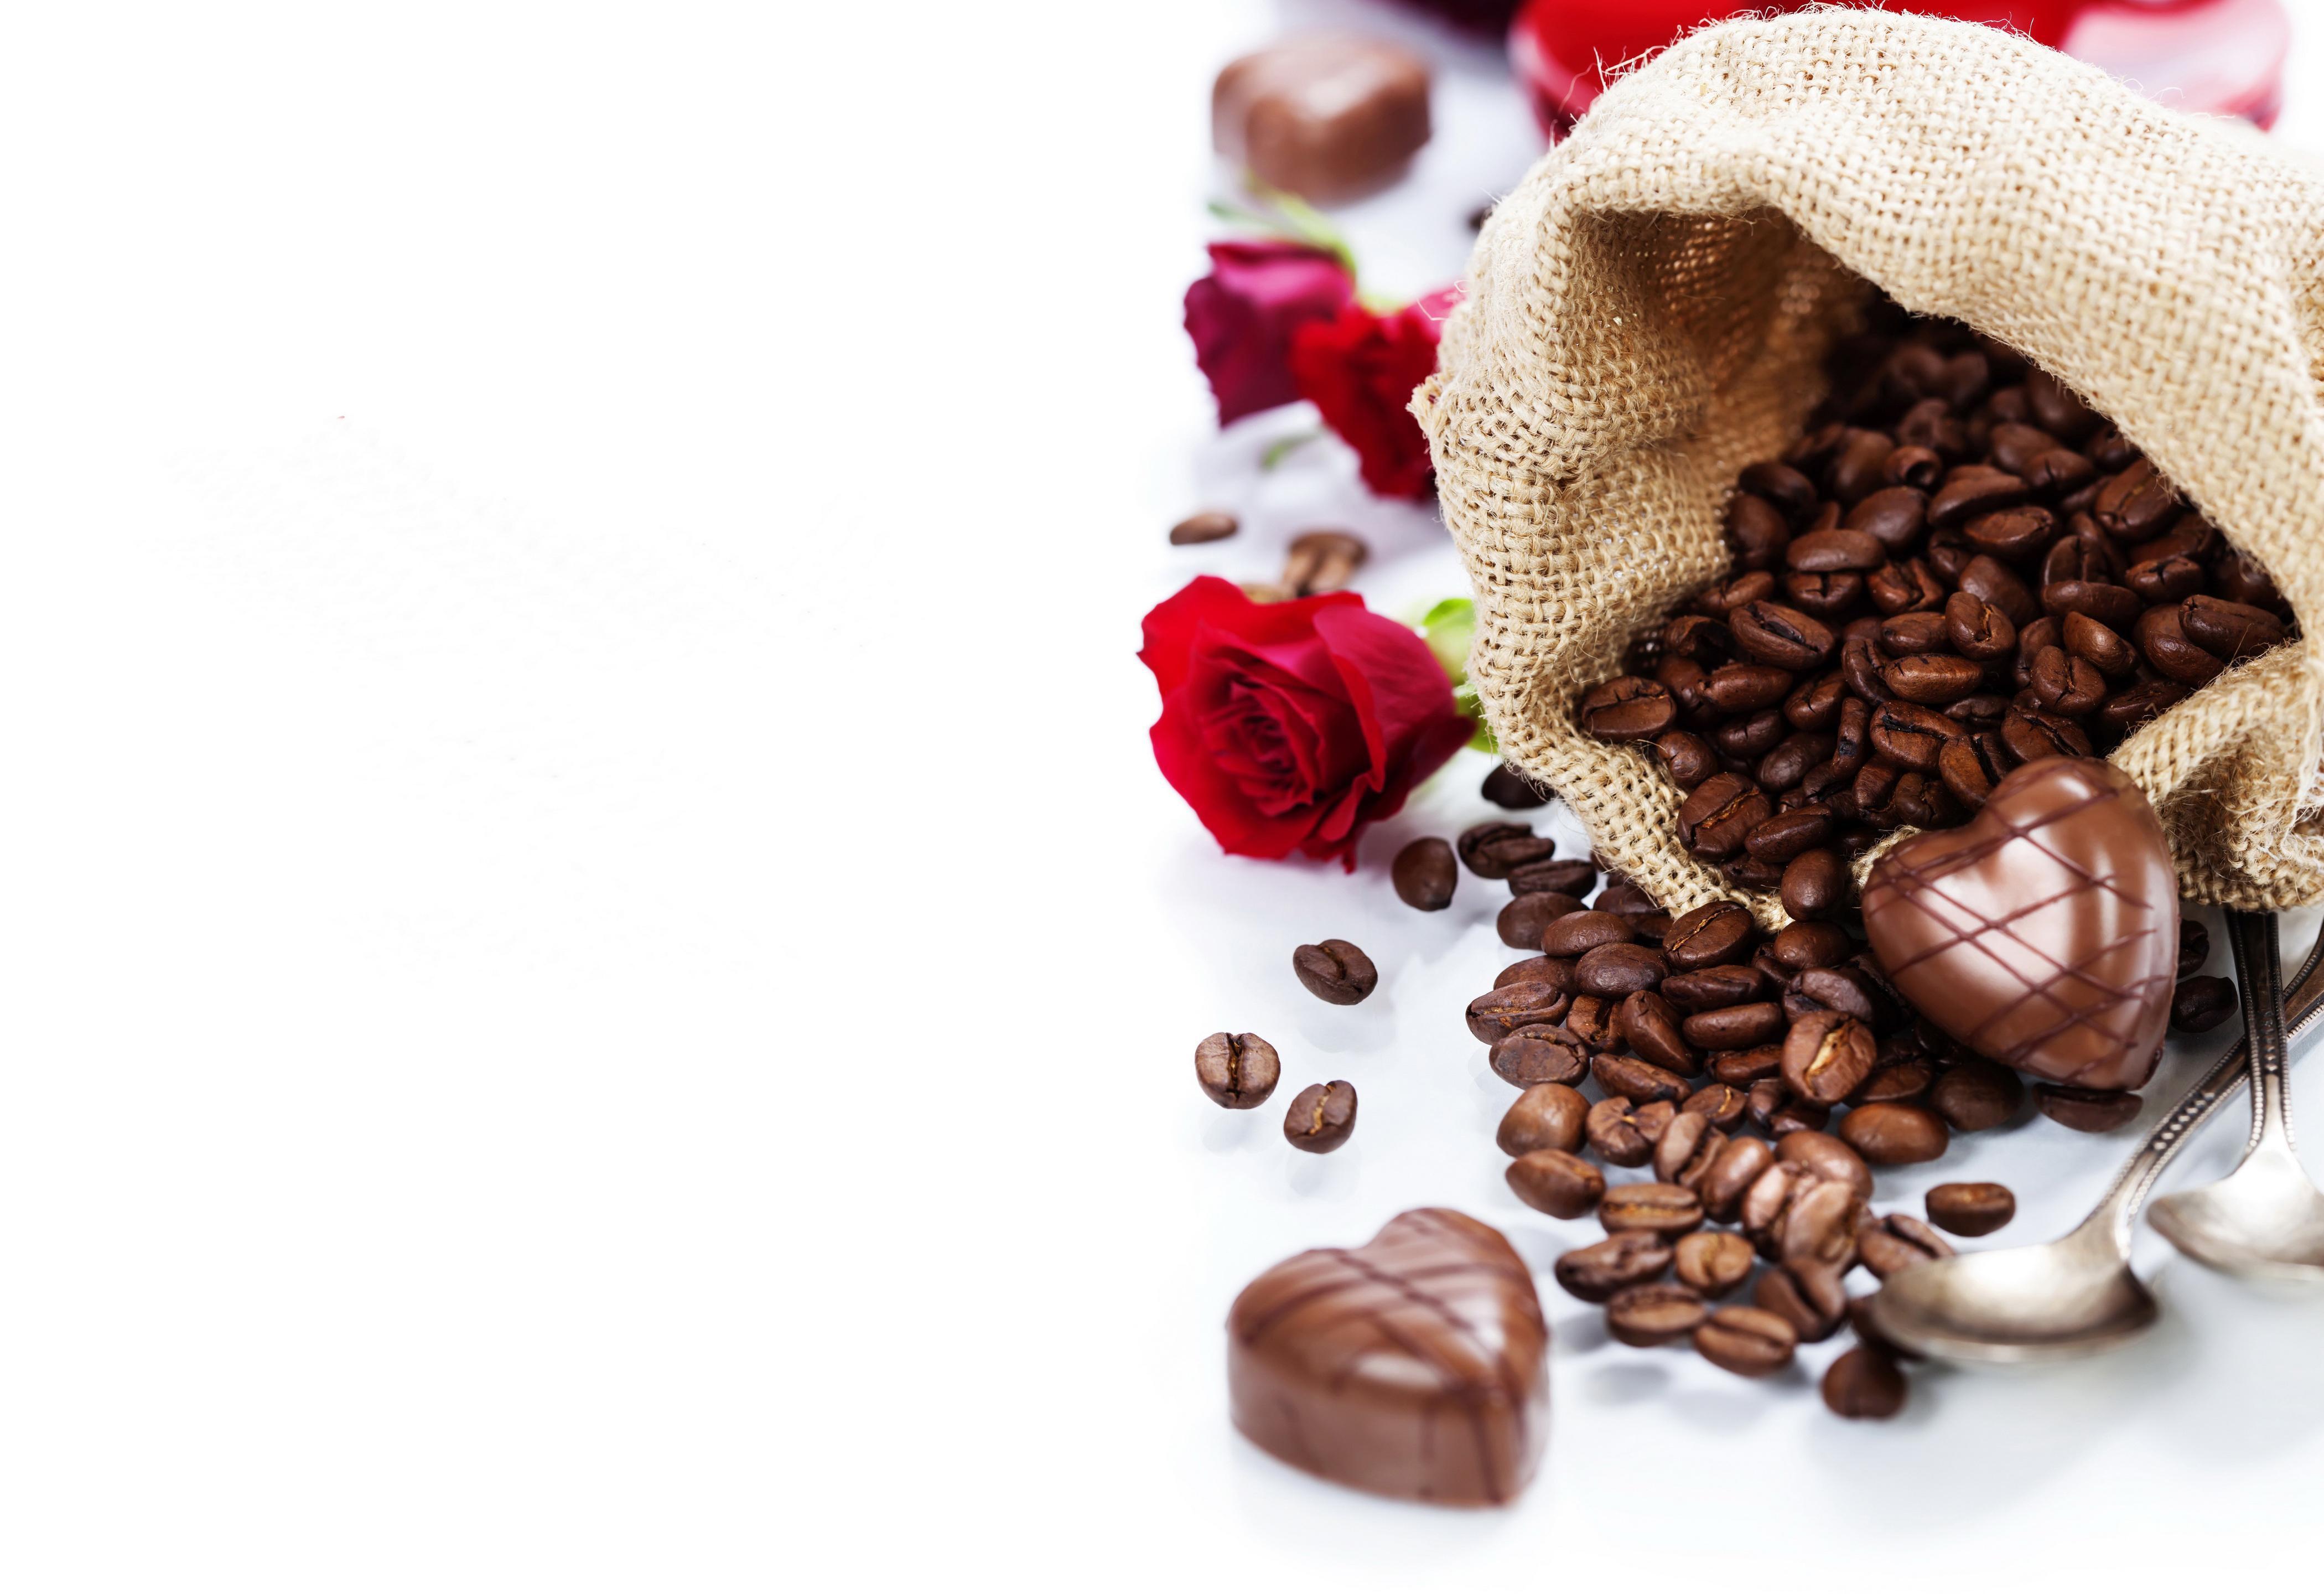 кофе со сладостями  № 140274 загрузить